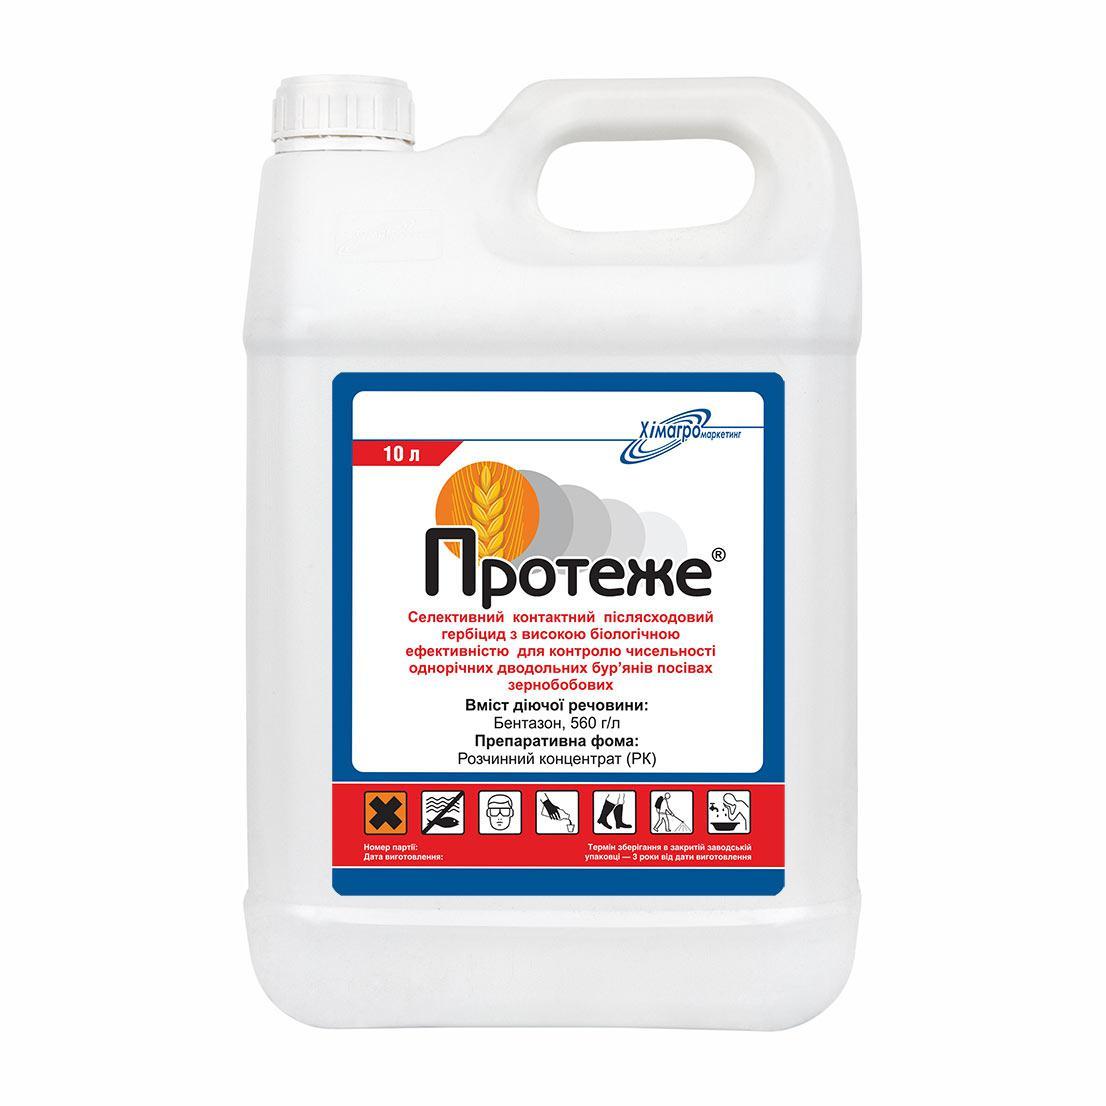 Гербицид Протеже (аналог Базаграна) бентазон, 560 г/л